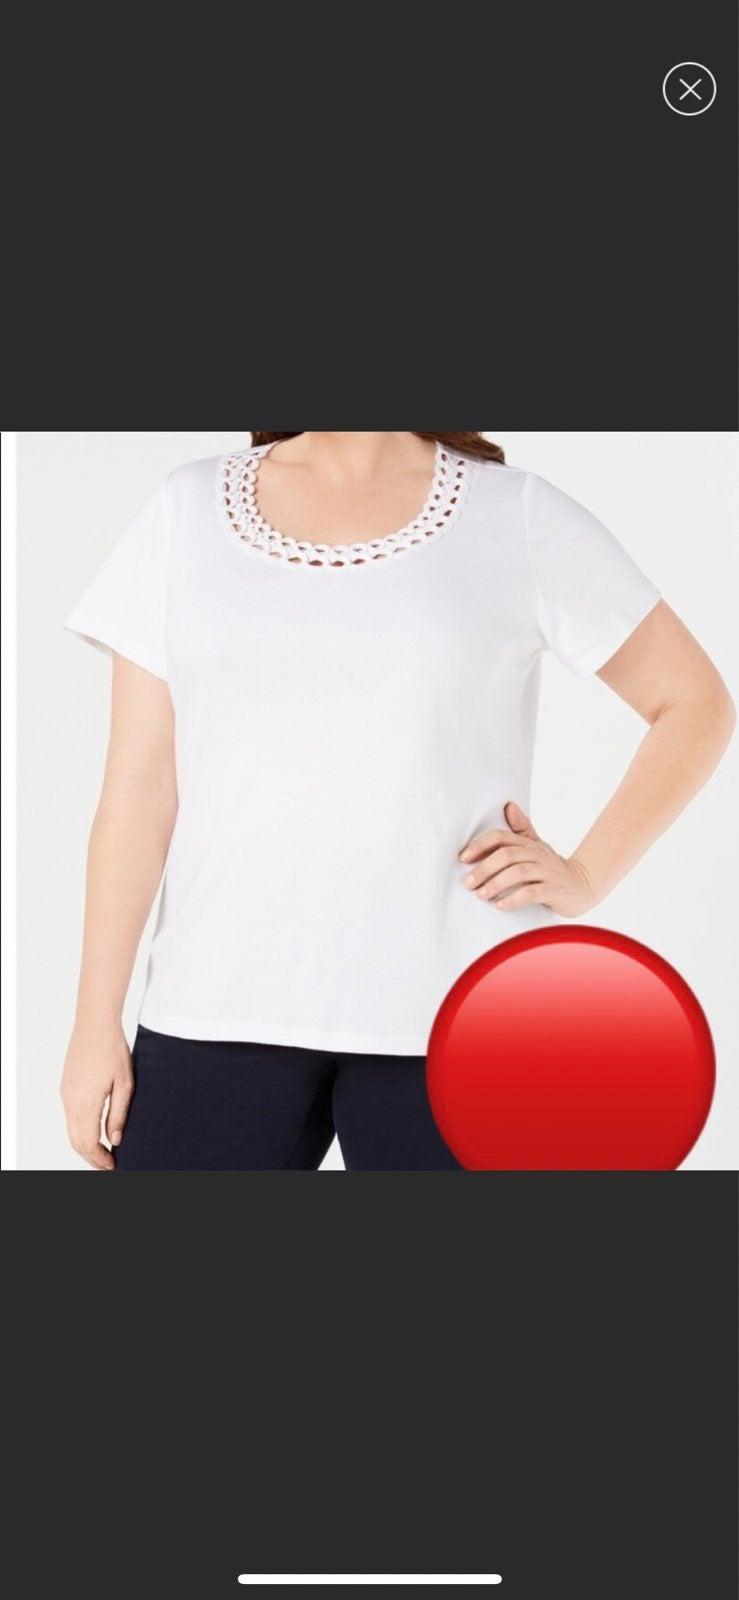 NWT Karen Scott Stud Scoopneck Tshirt